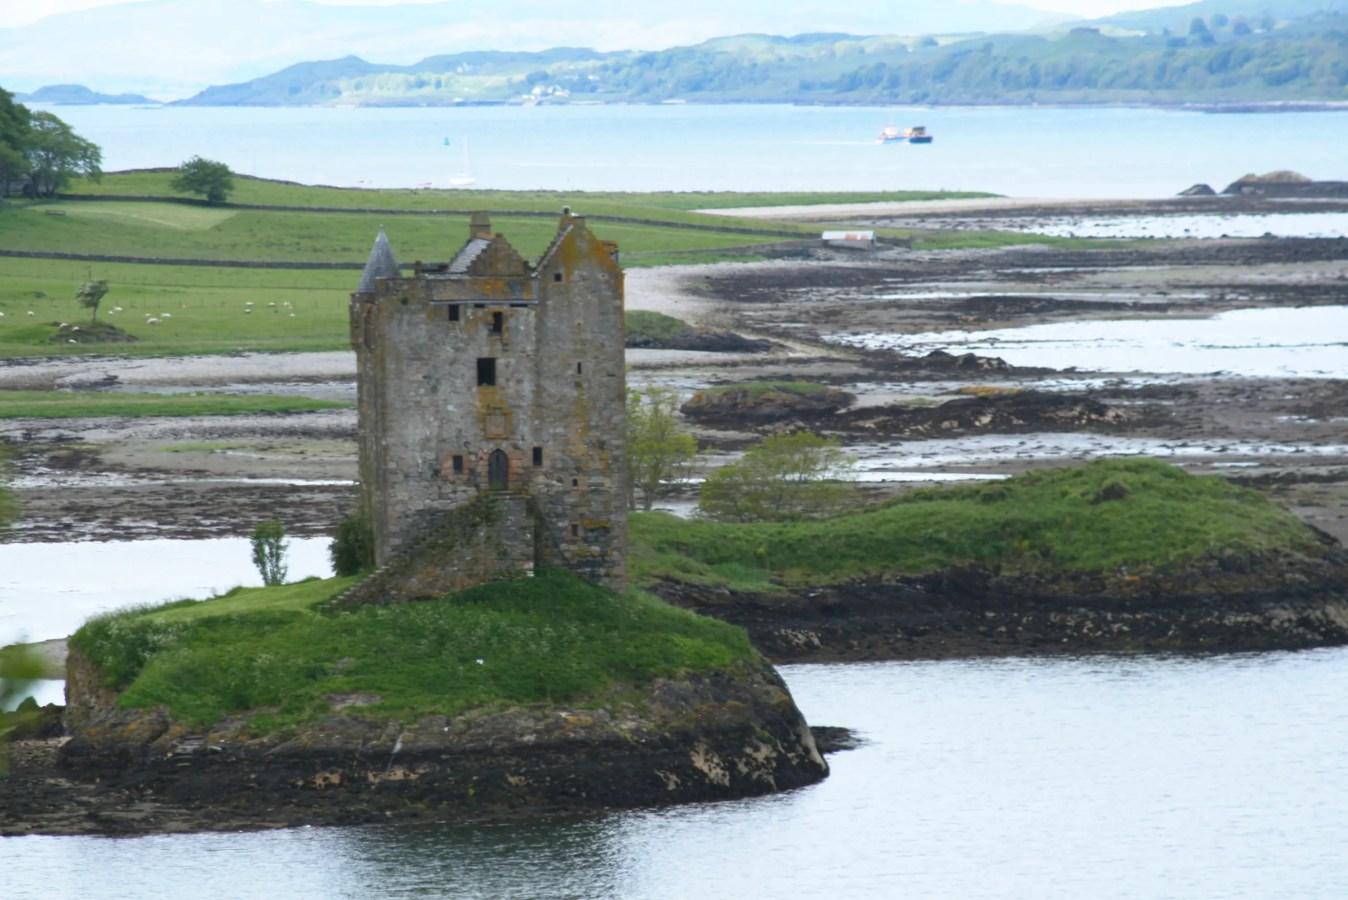 Burg aus Monty Python, Burg aus Ritter der Kokosnuss, schottische Geisterburg